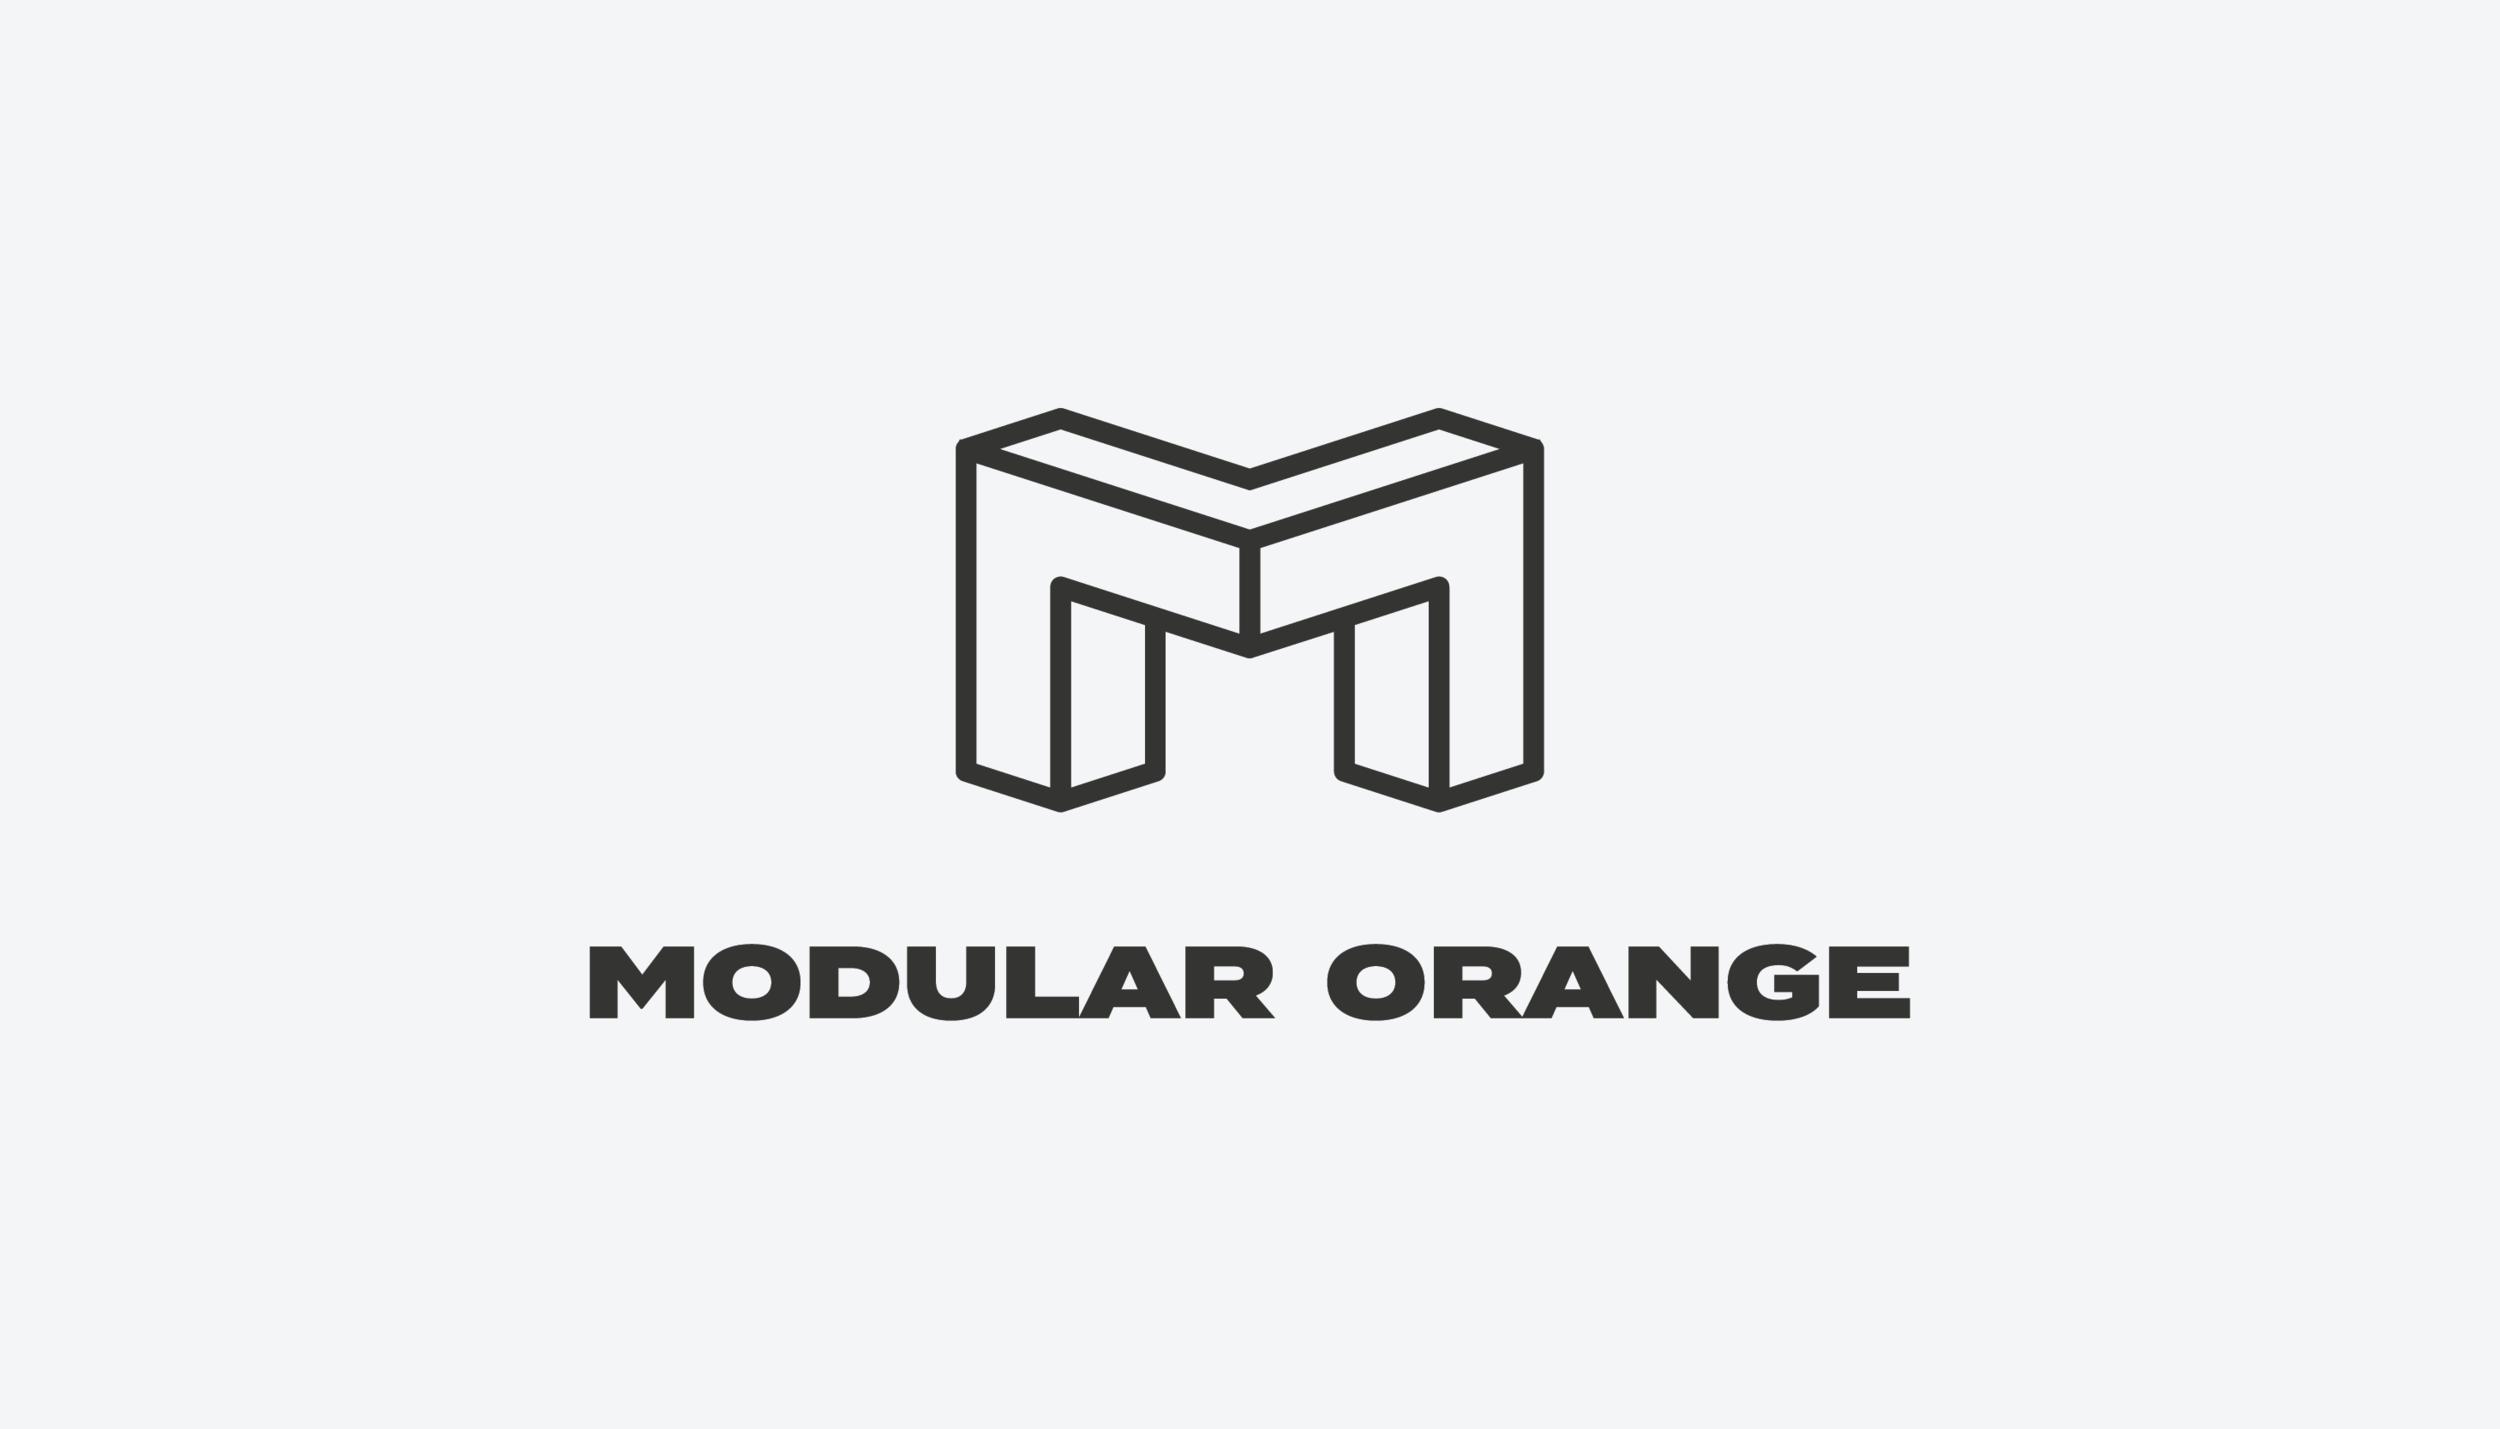 modular orange-01.png